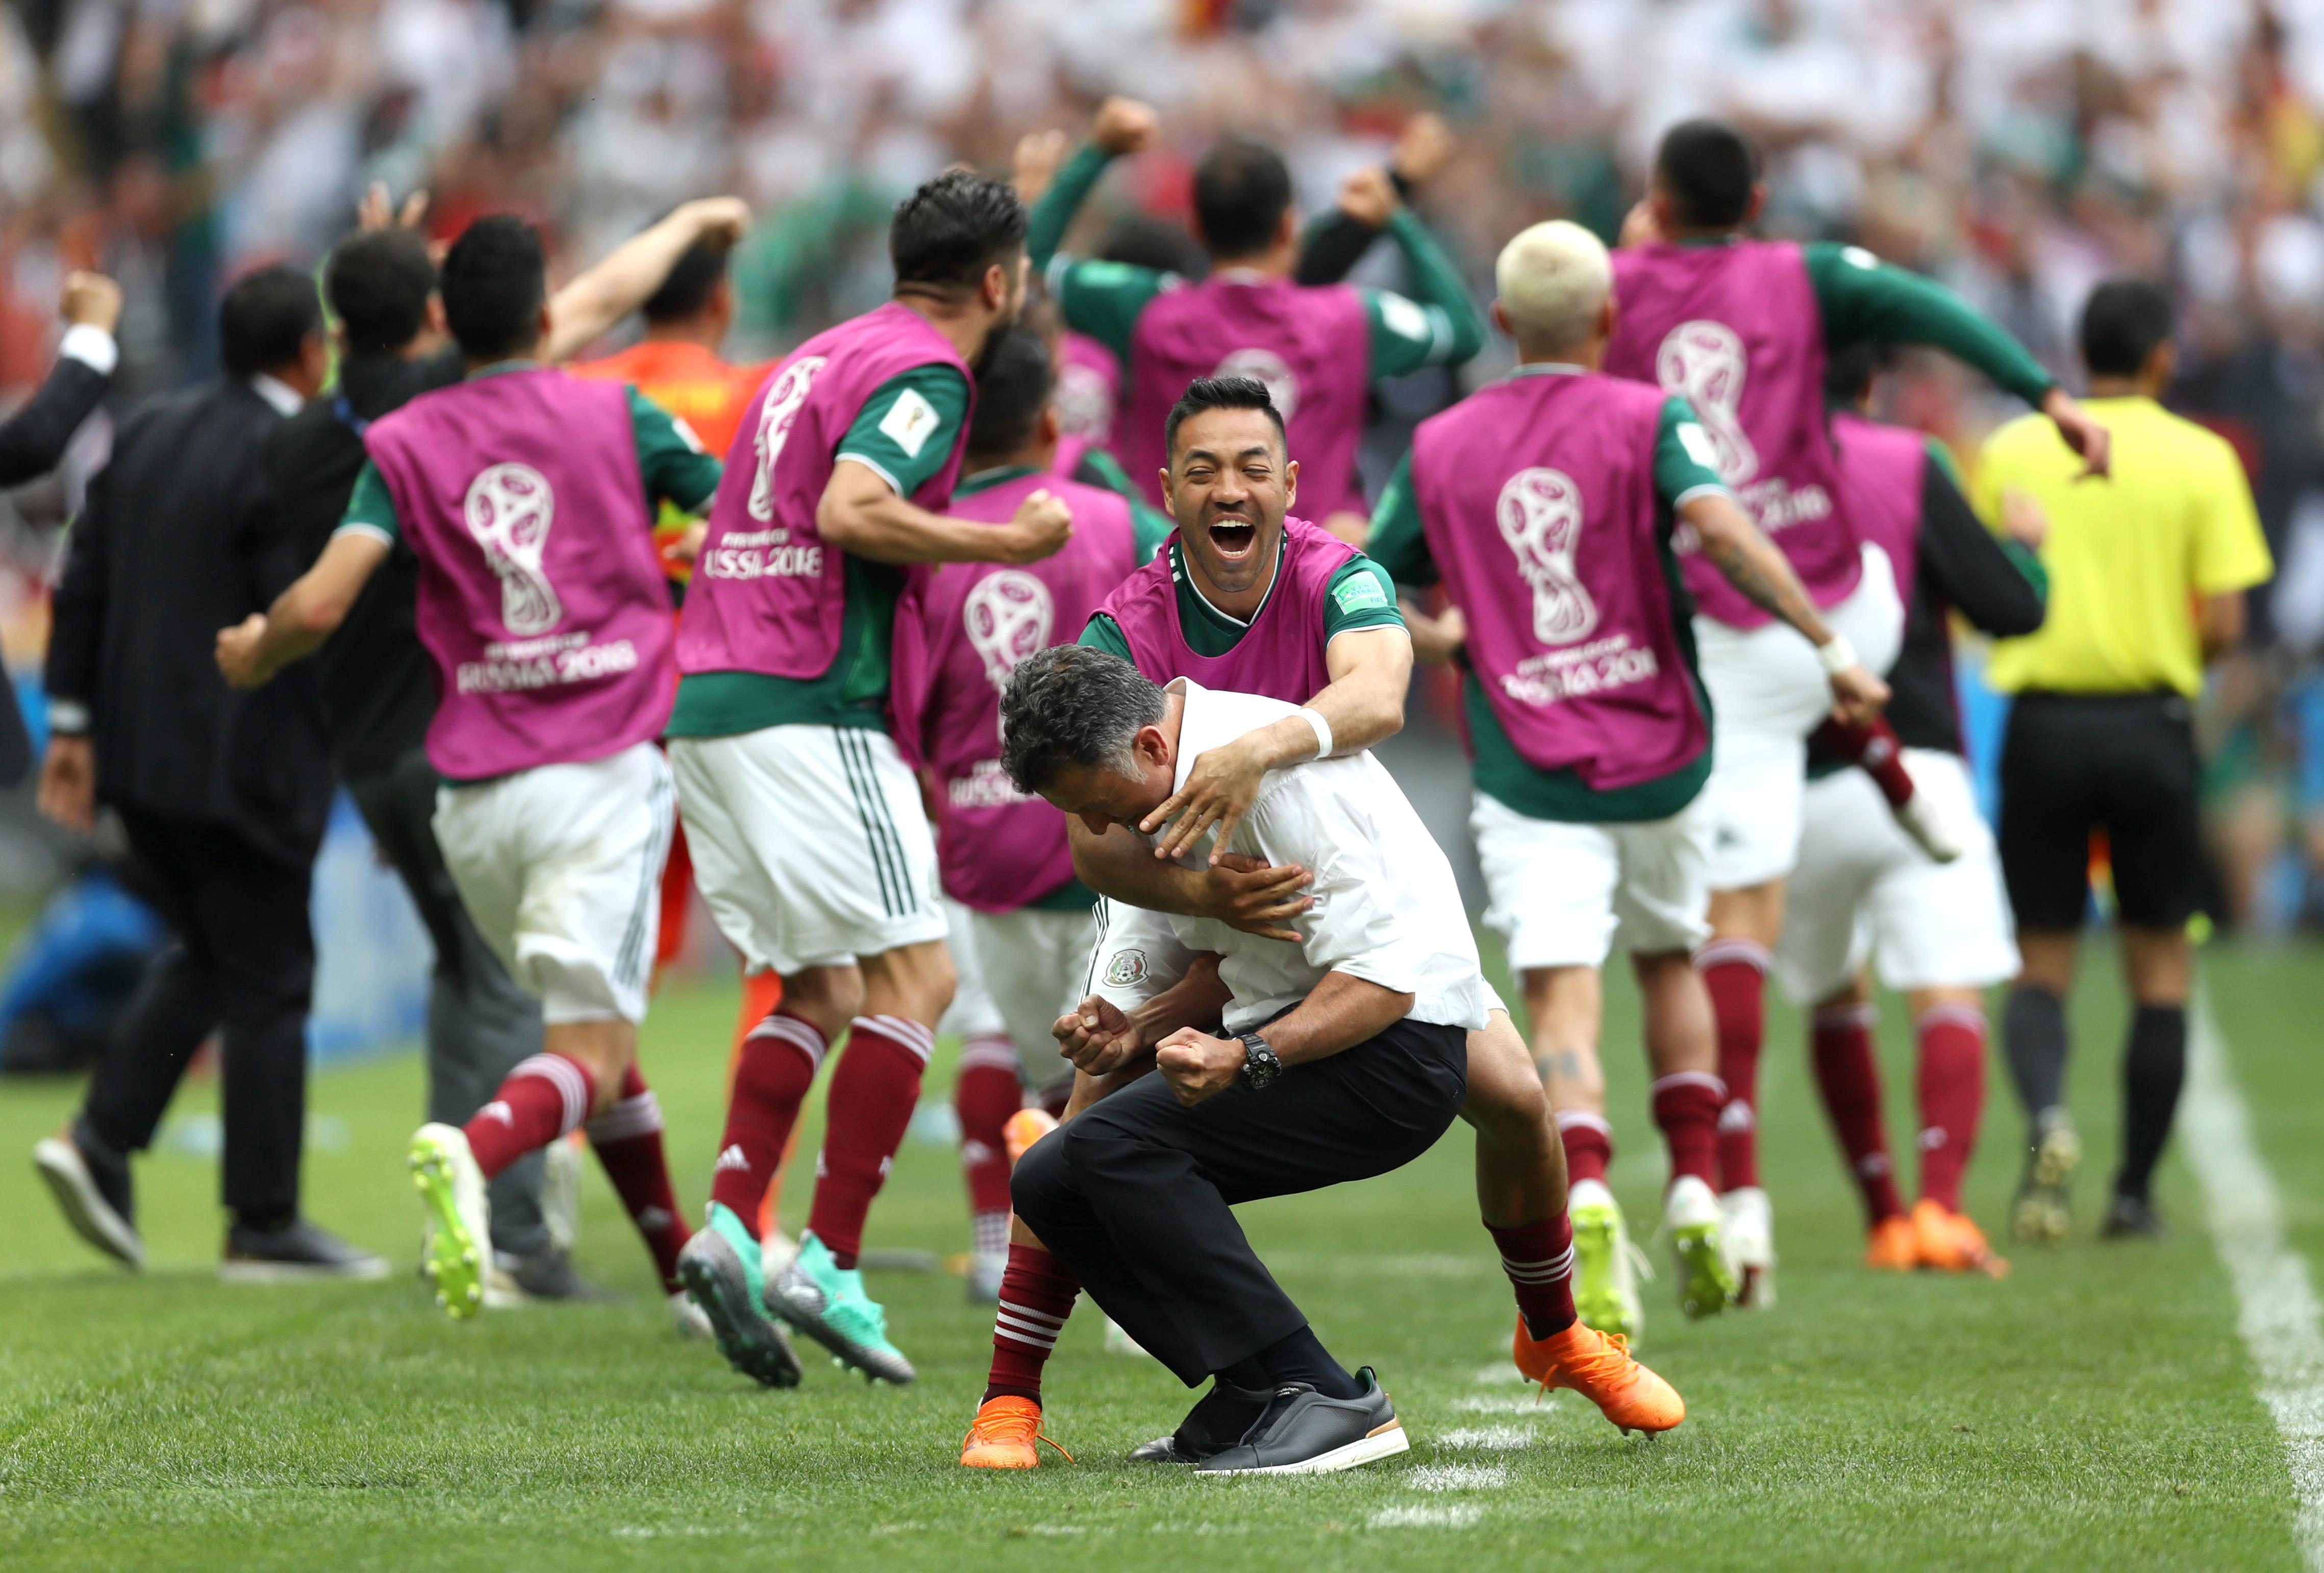 Alemania México Mundial Rusia 2018 LOS PLEYERS